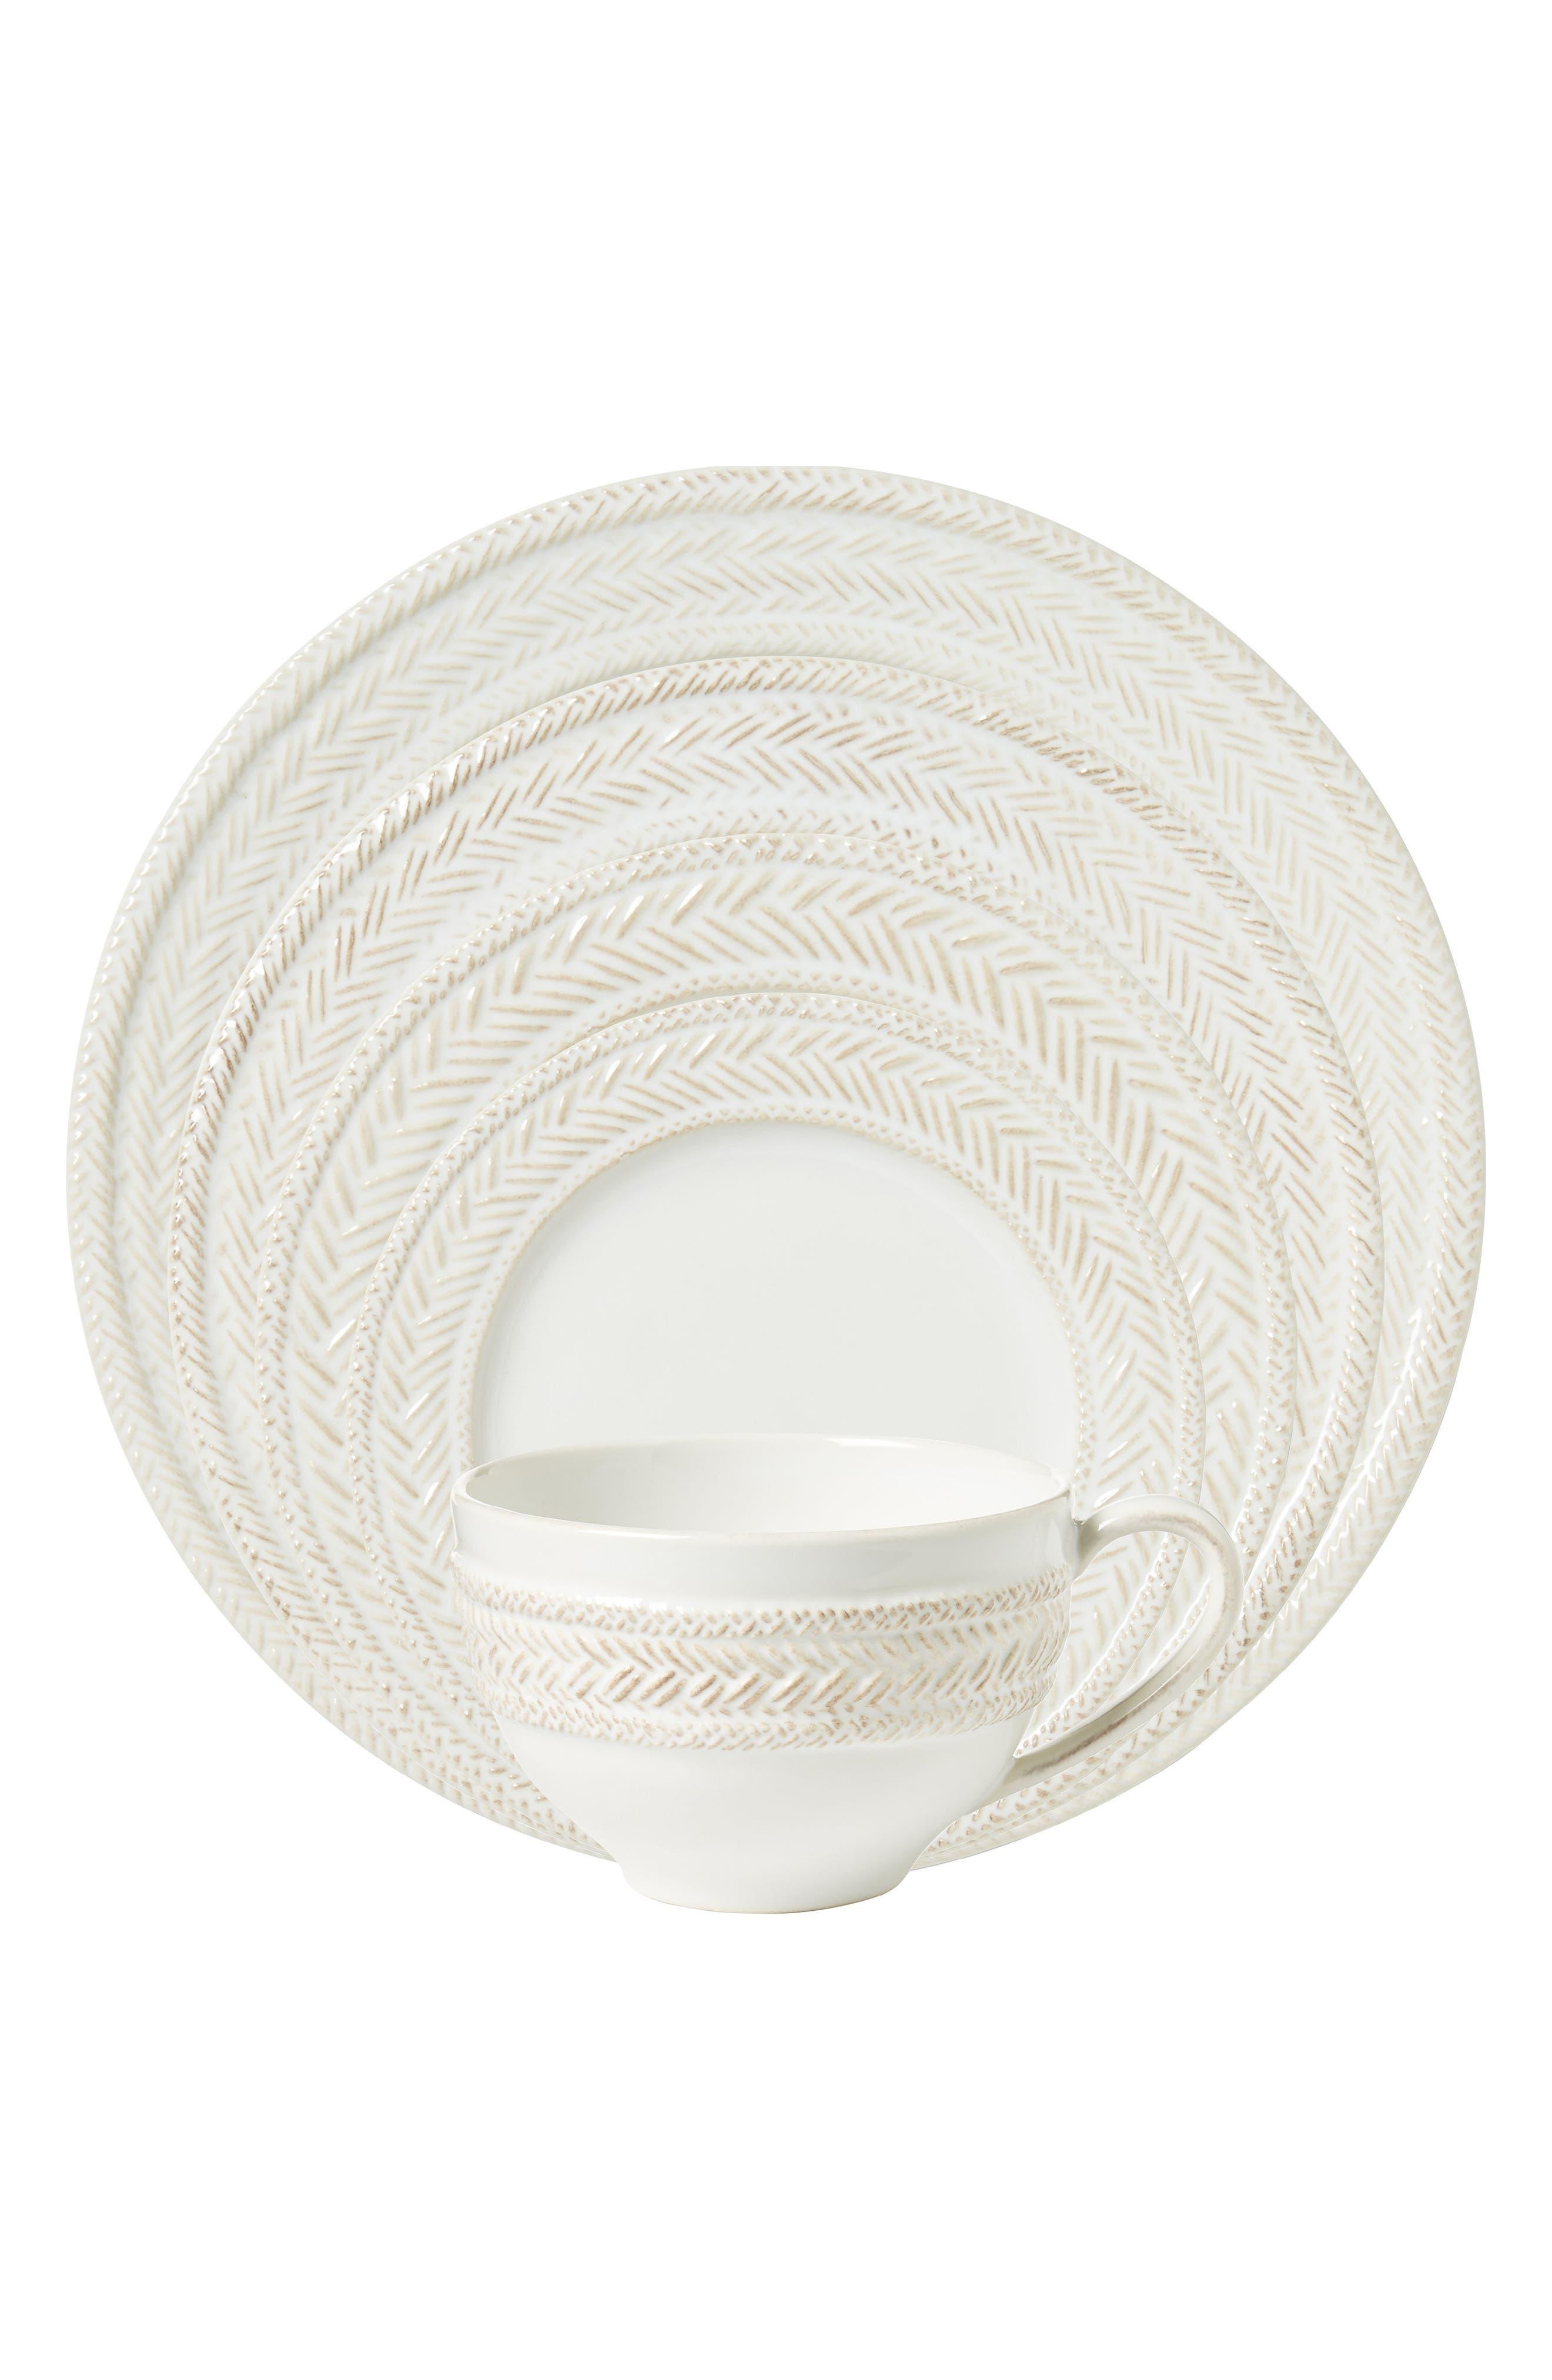 Le Panier 5-Piece Ceramic Place Setting,                         Main,                         color, WHITE